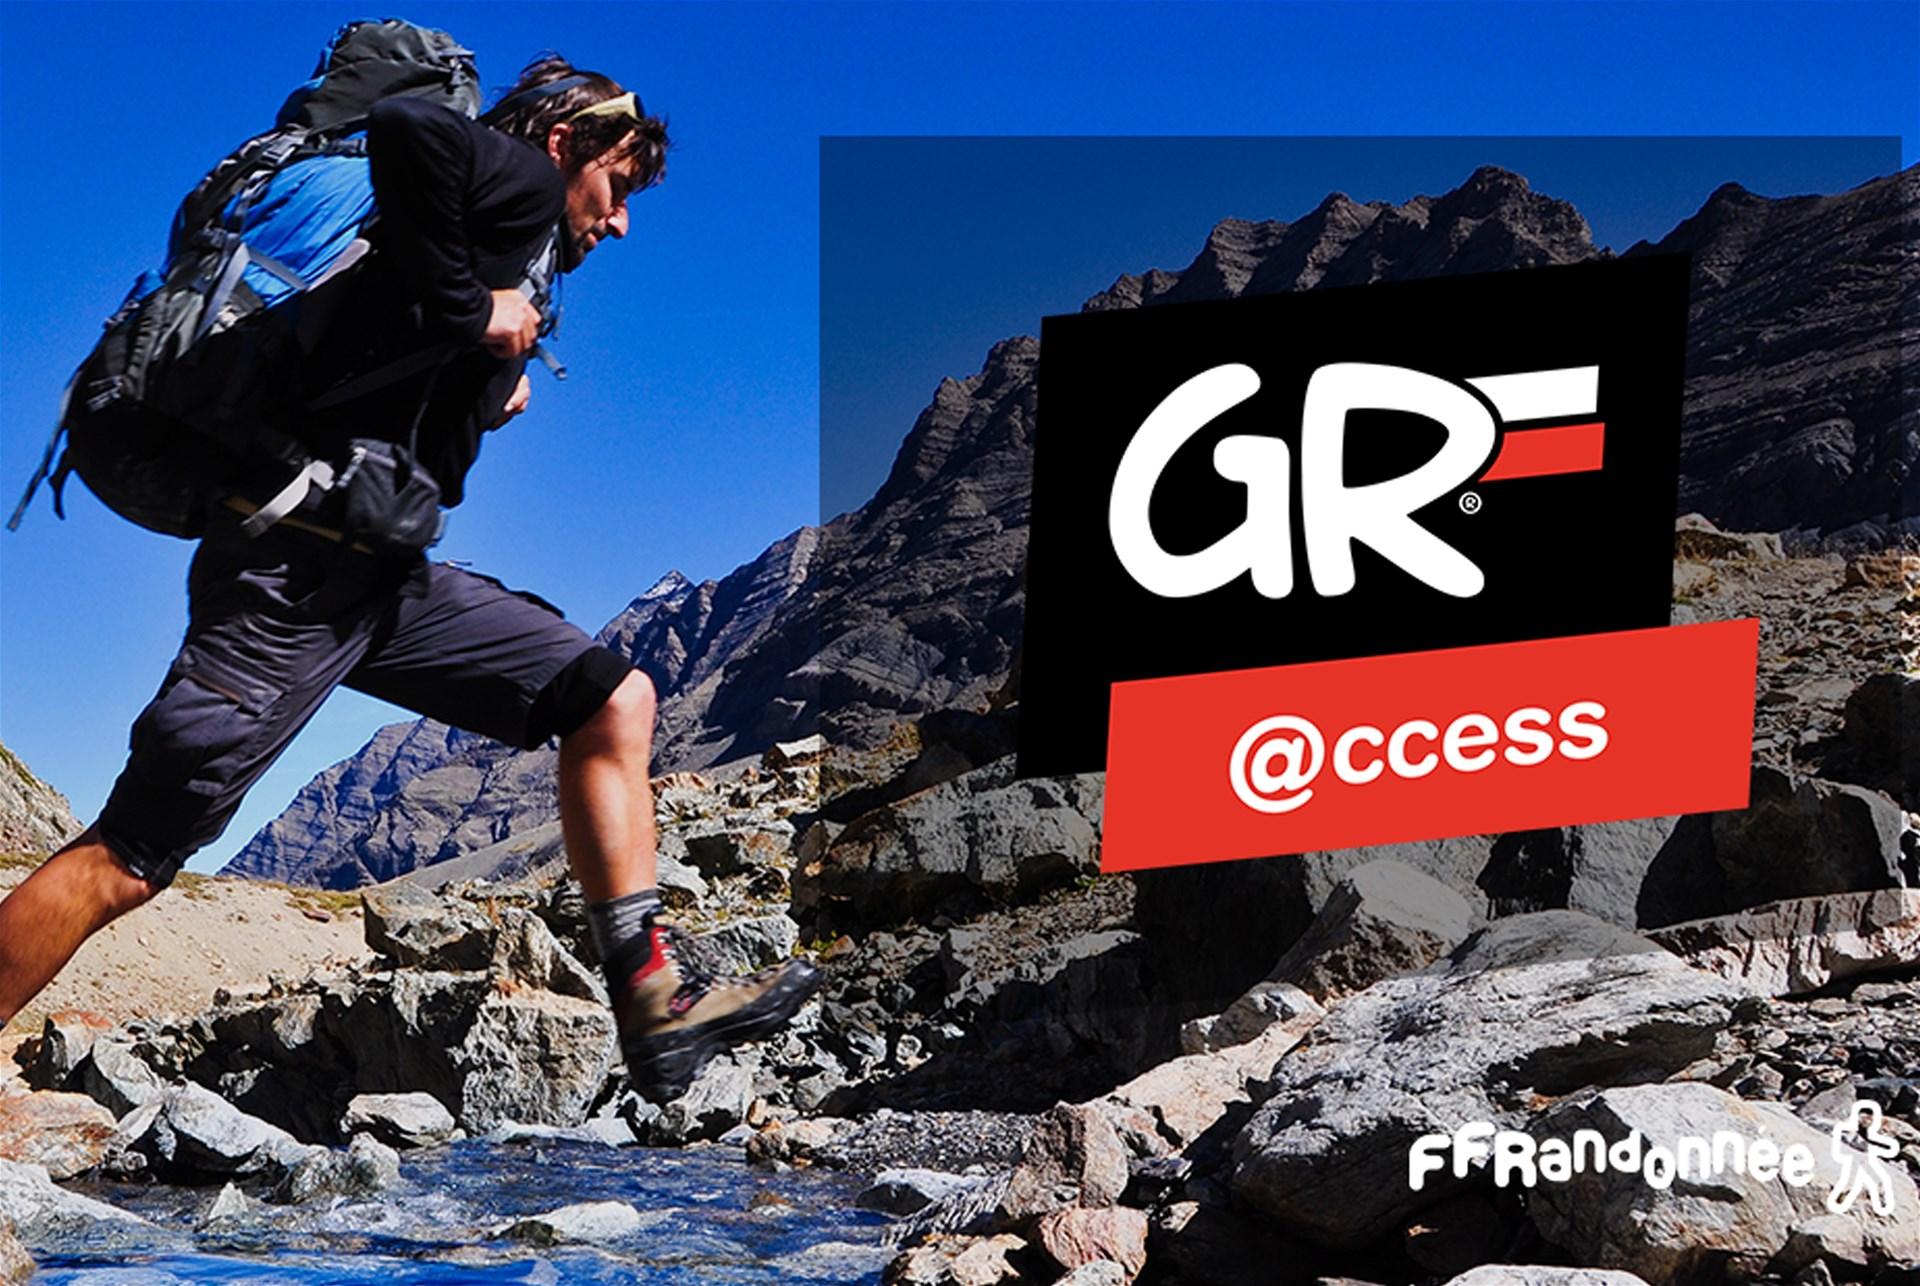 FFRandonnée - GR - GR34 - mongr.fr - GRaccess - randonnée itinérante